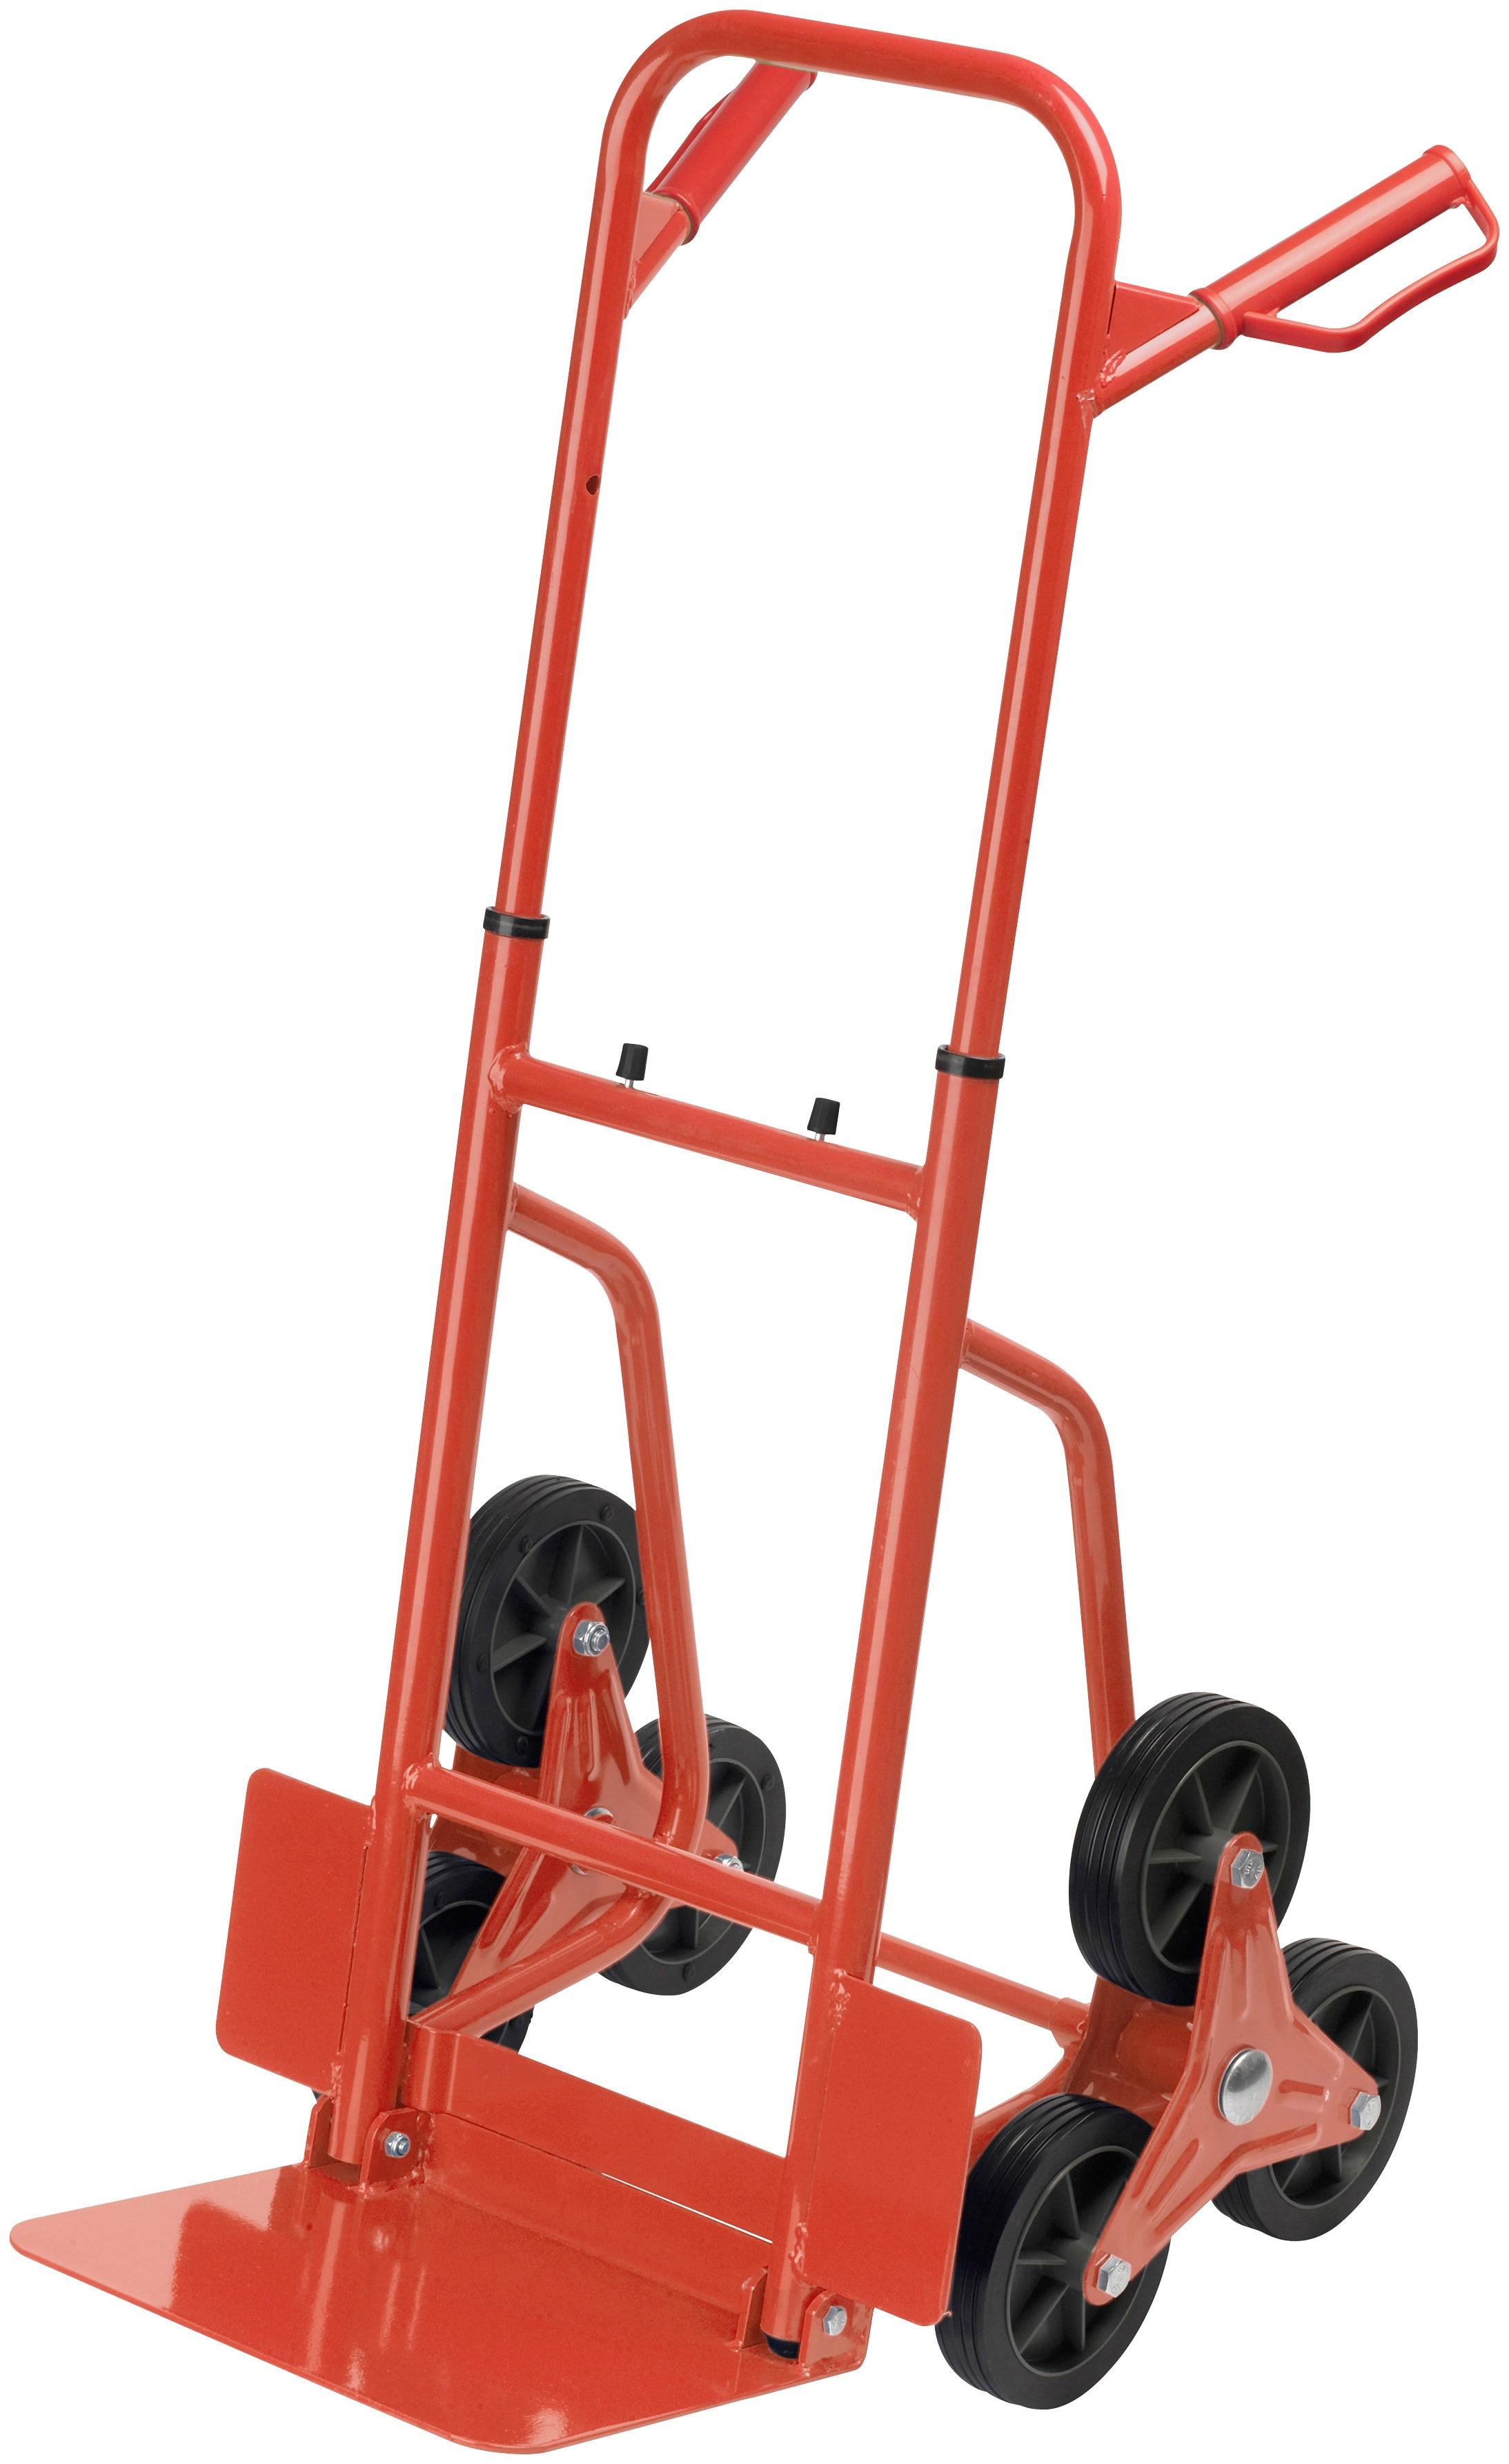 meister Treppensackkarre rot Sackkarren Transport Werkzeug Maschinen